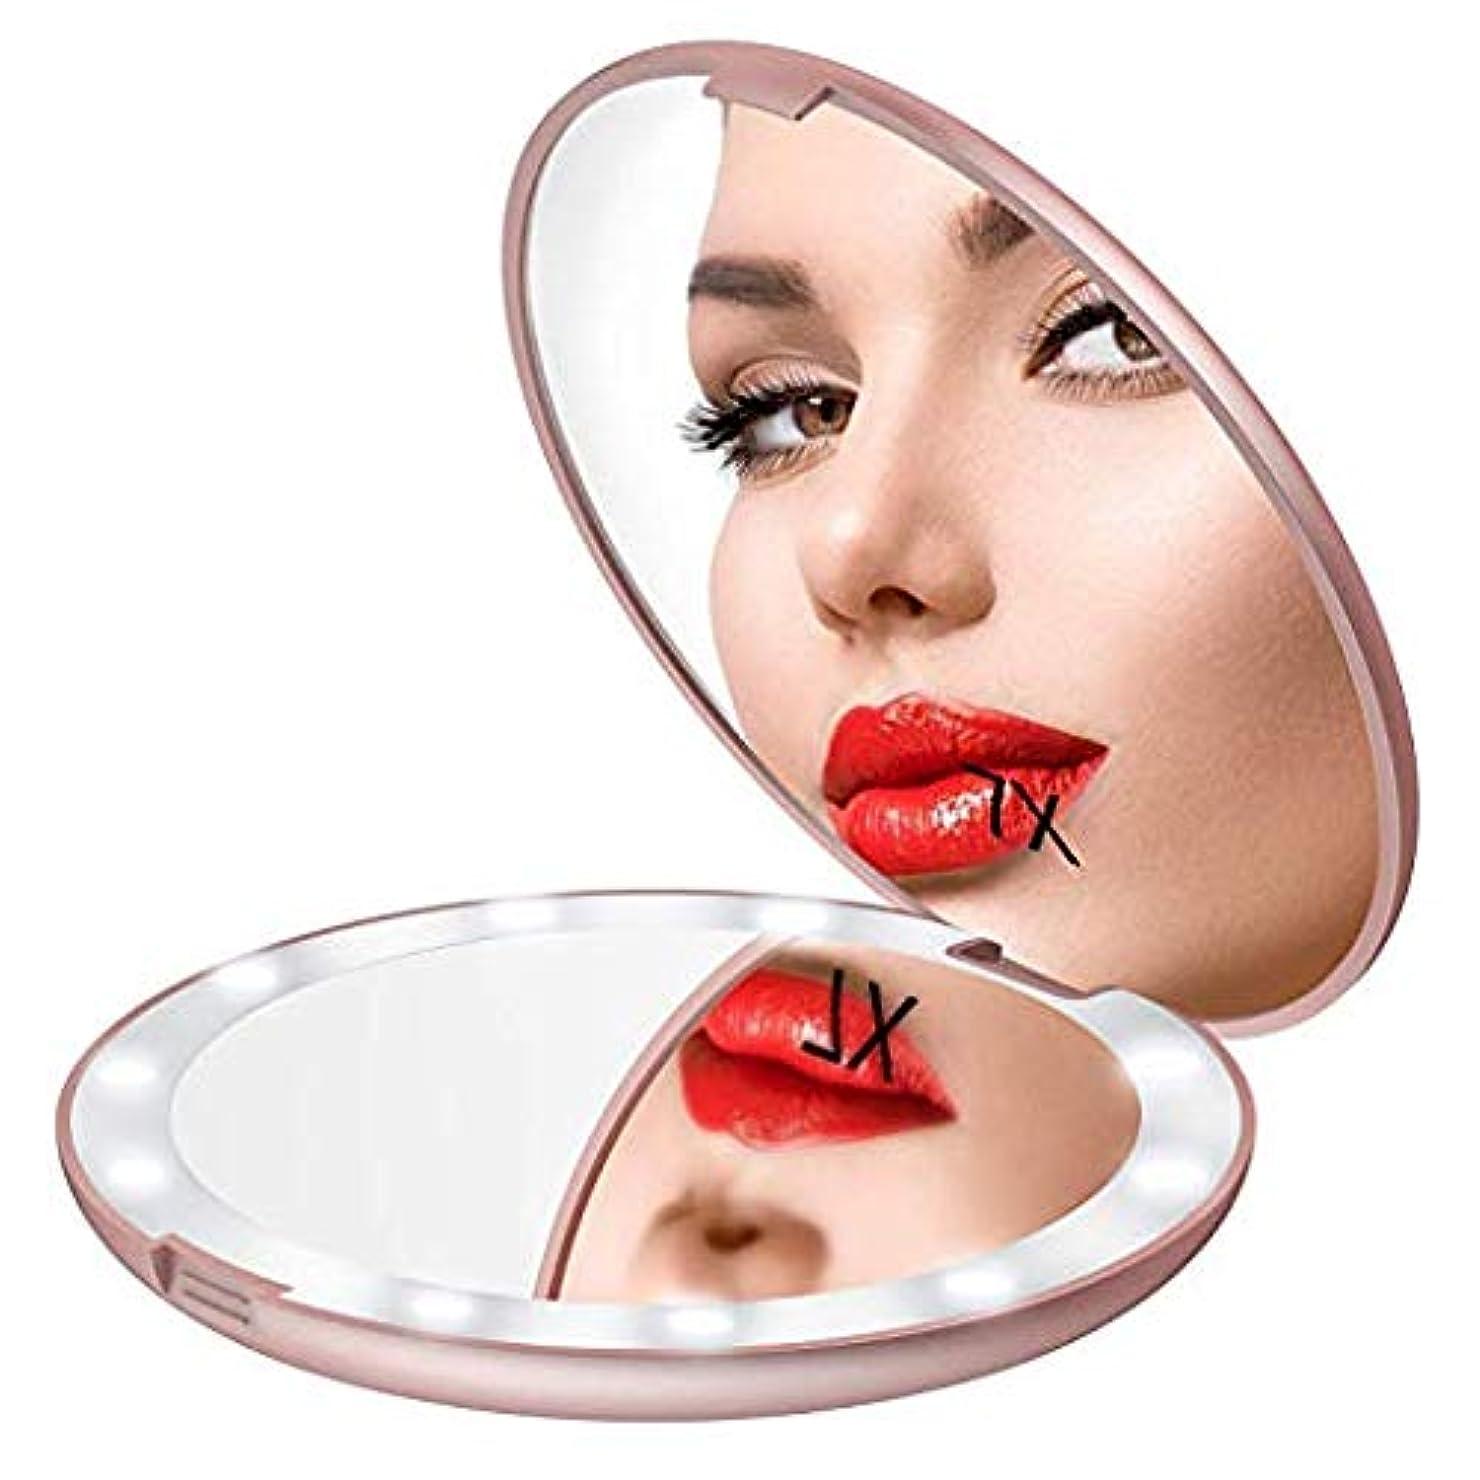 溶接促すシソーラスGospire 化粧鏡 7倍拡大鏡 携帯ミラー 化粧ミラー LEDライト 手鏡 折りたたみ式 コンパクト 角度調整可 (ピンクゴールド)